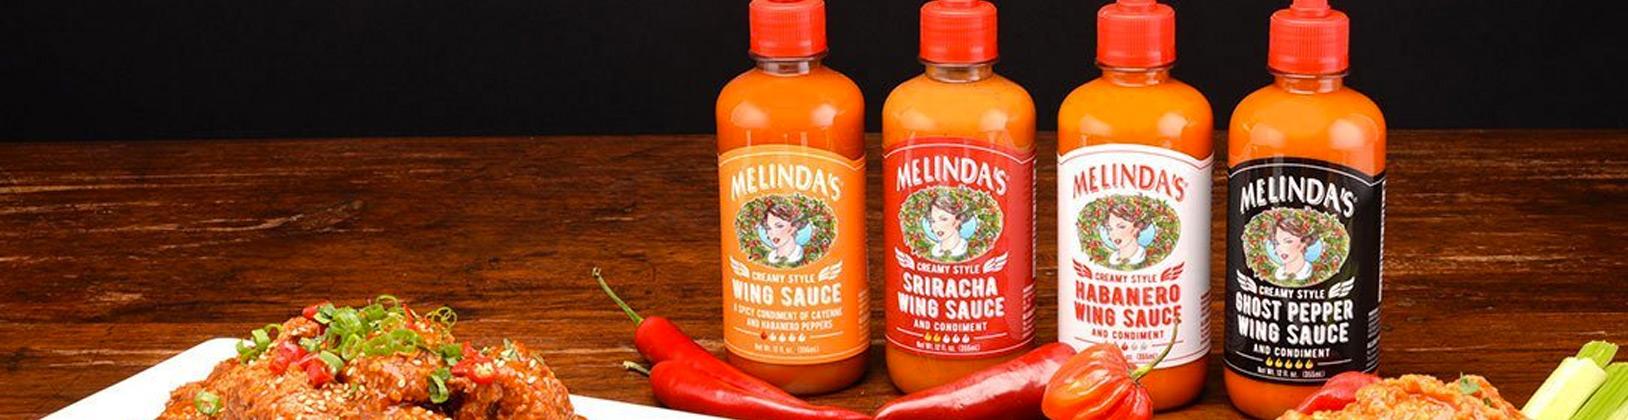 Les Sauces Melinda's